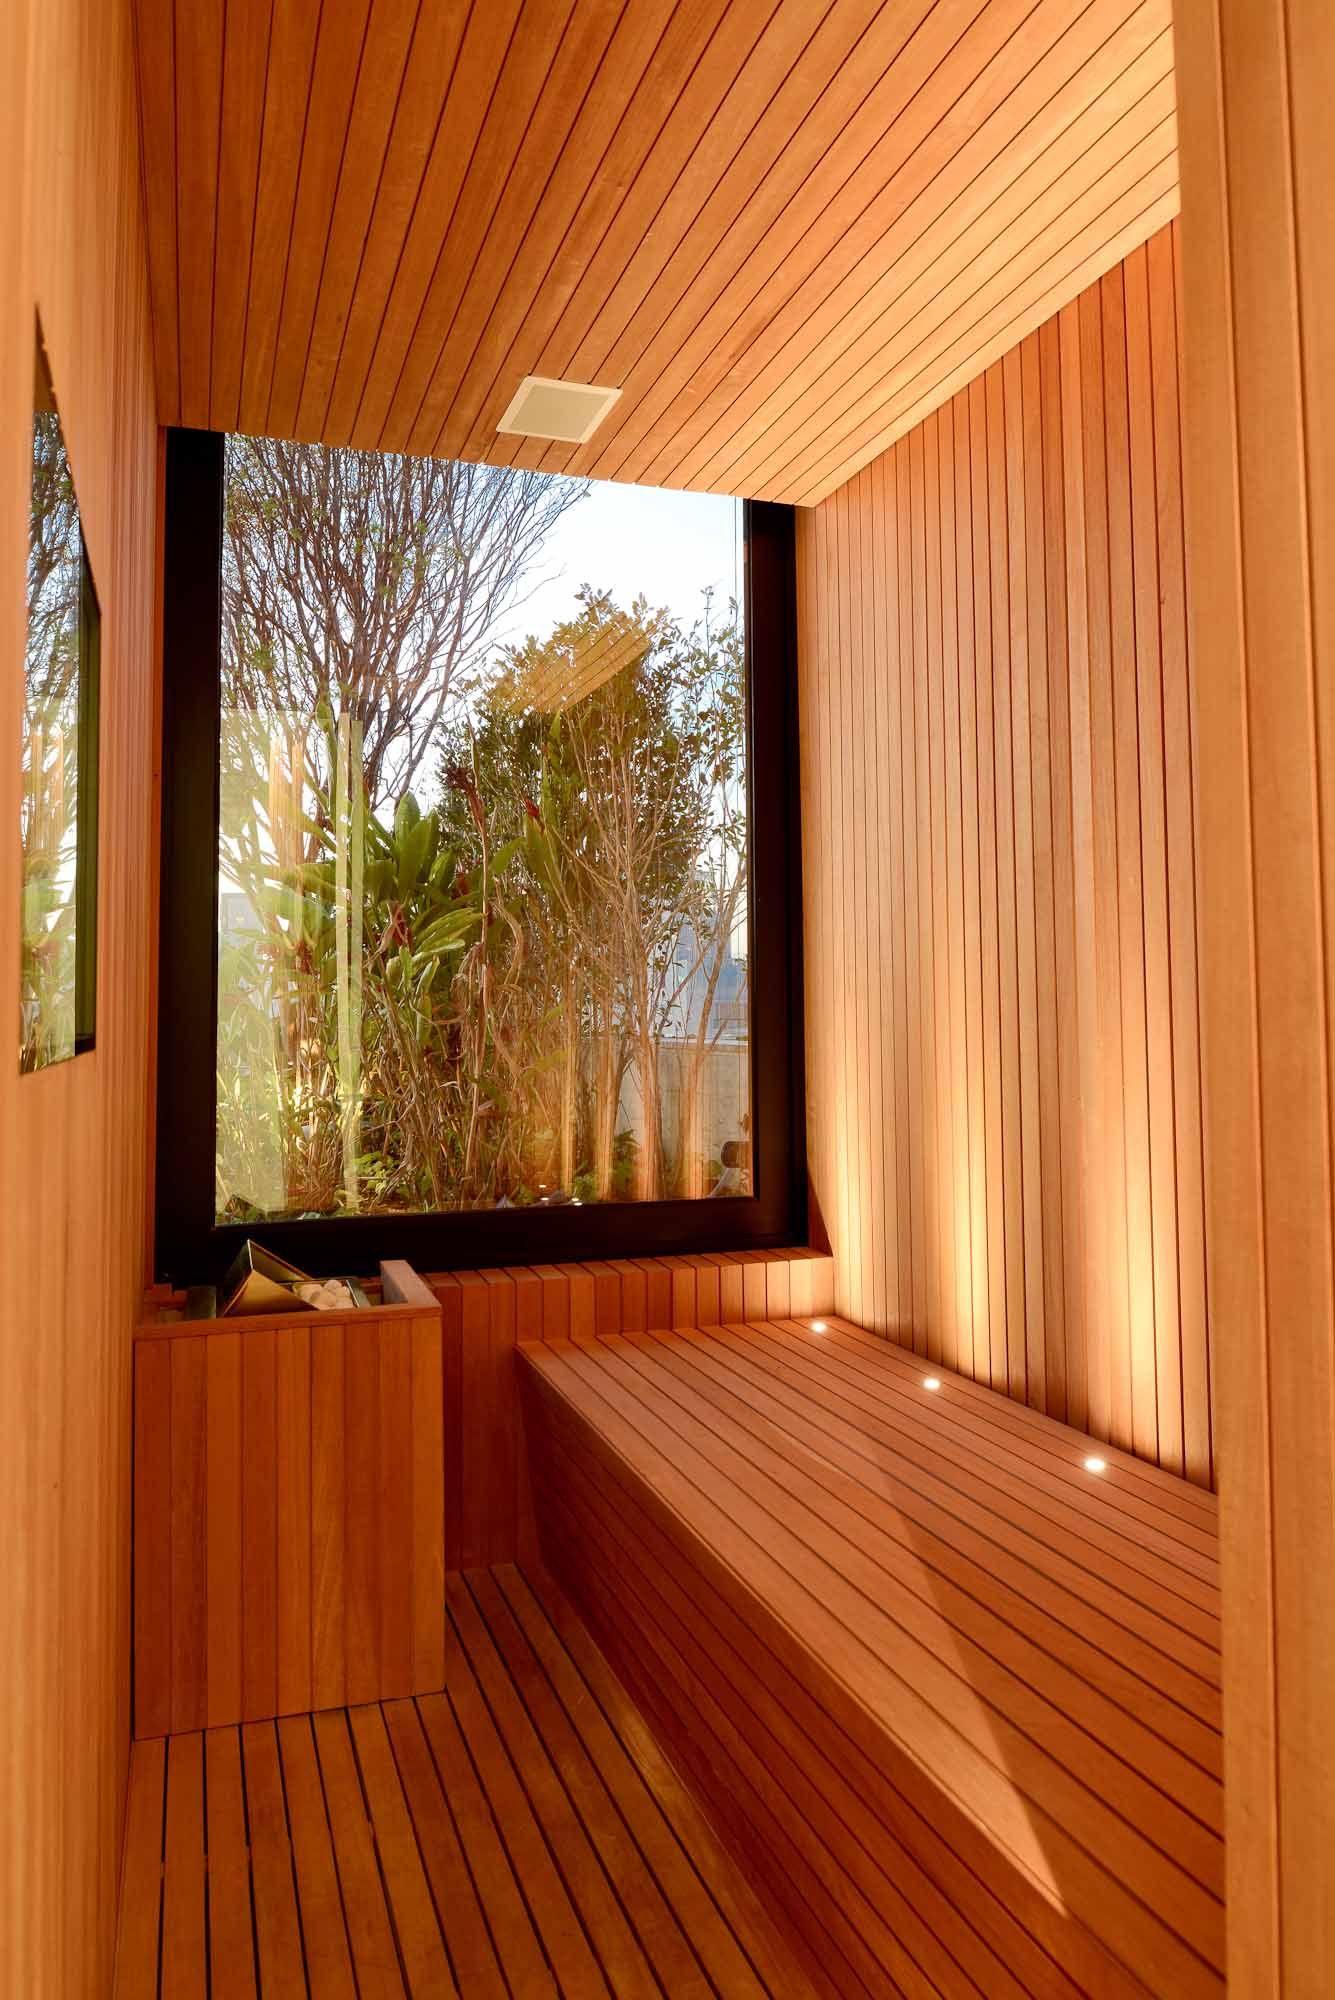 Sauna Saunaville Www Saunaville Com: What A Beautiful Sauna! #sauna #saunaville #relaxation Www